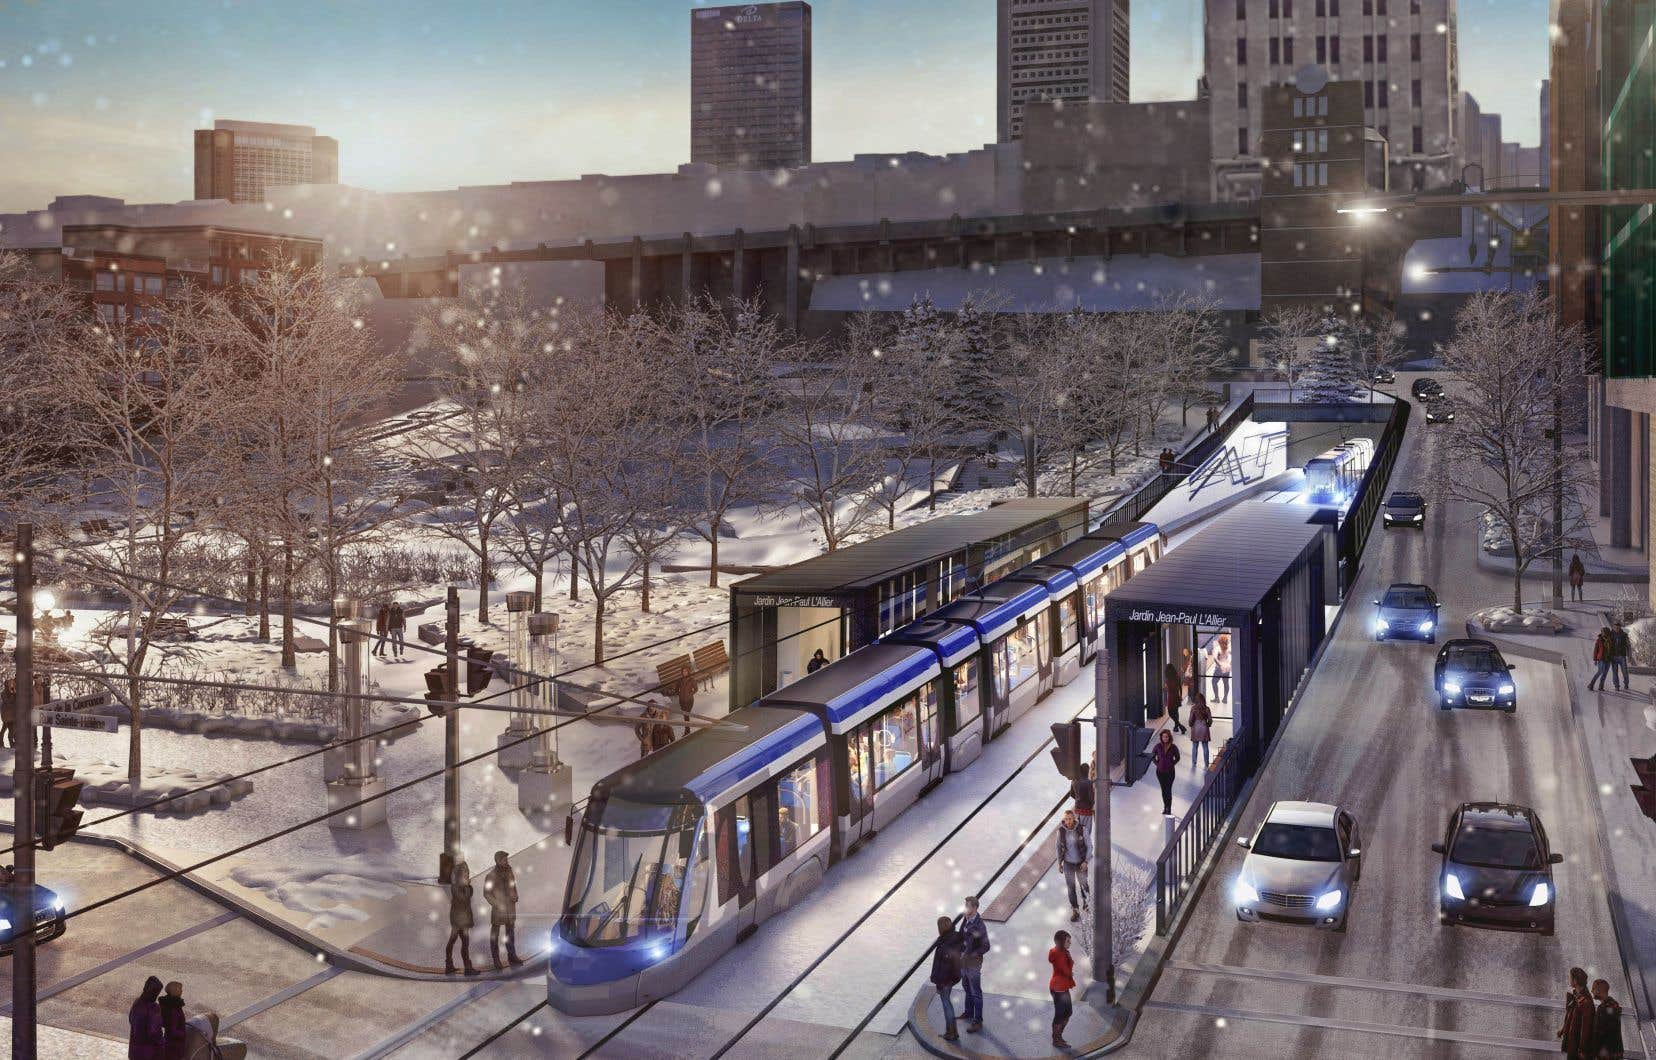 <p>La Ville de Québec souhaite convaincre des résidents de Cap-Rouge et Saint-Augustin-de-Desmaures de venir se stationner, le matin, à l'extrémité ouest du tracé, dans le secteur Legendre, pour ensuite monter dans le tramway vers le cœur de la ville.</p>